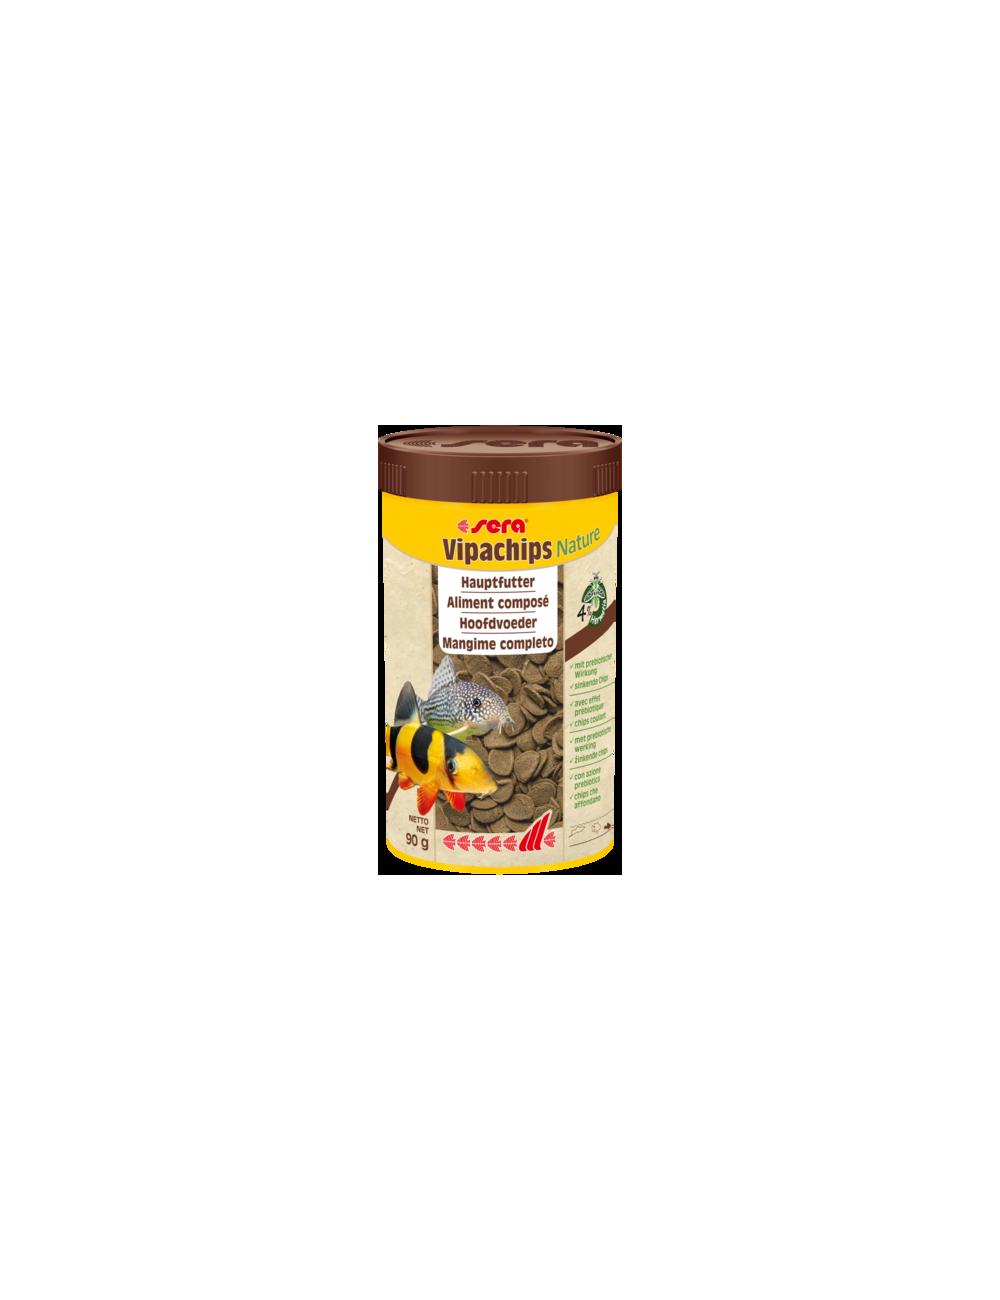 SERA - Vipachips Nature - 90g - Aliment composé pour poissons d'ornements